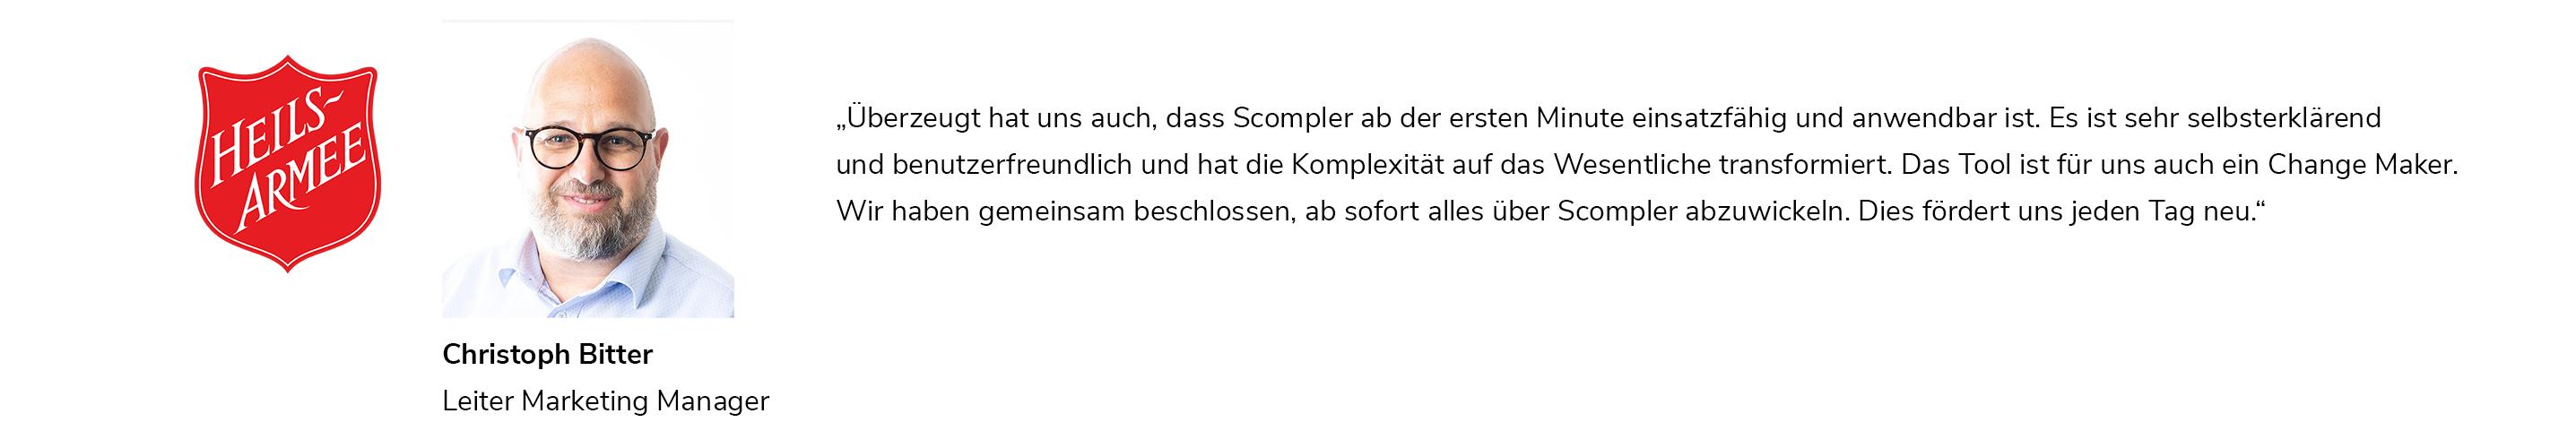 Heilsarmee4 Scompler Quotes CCC LP-1